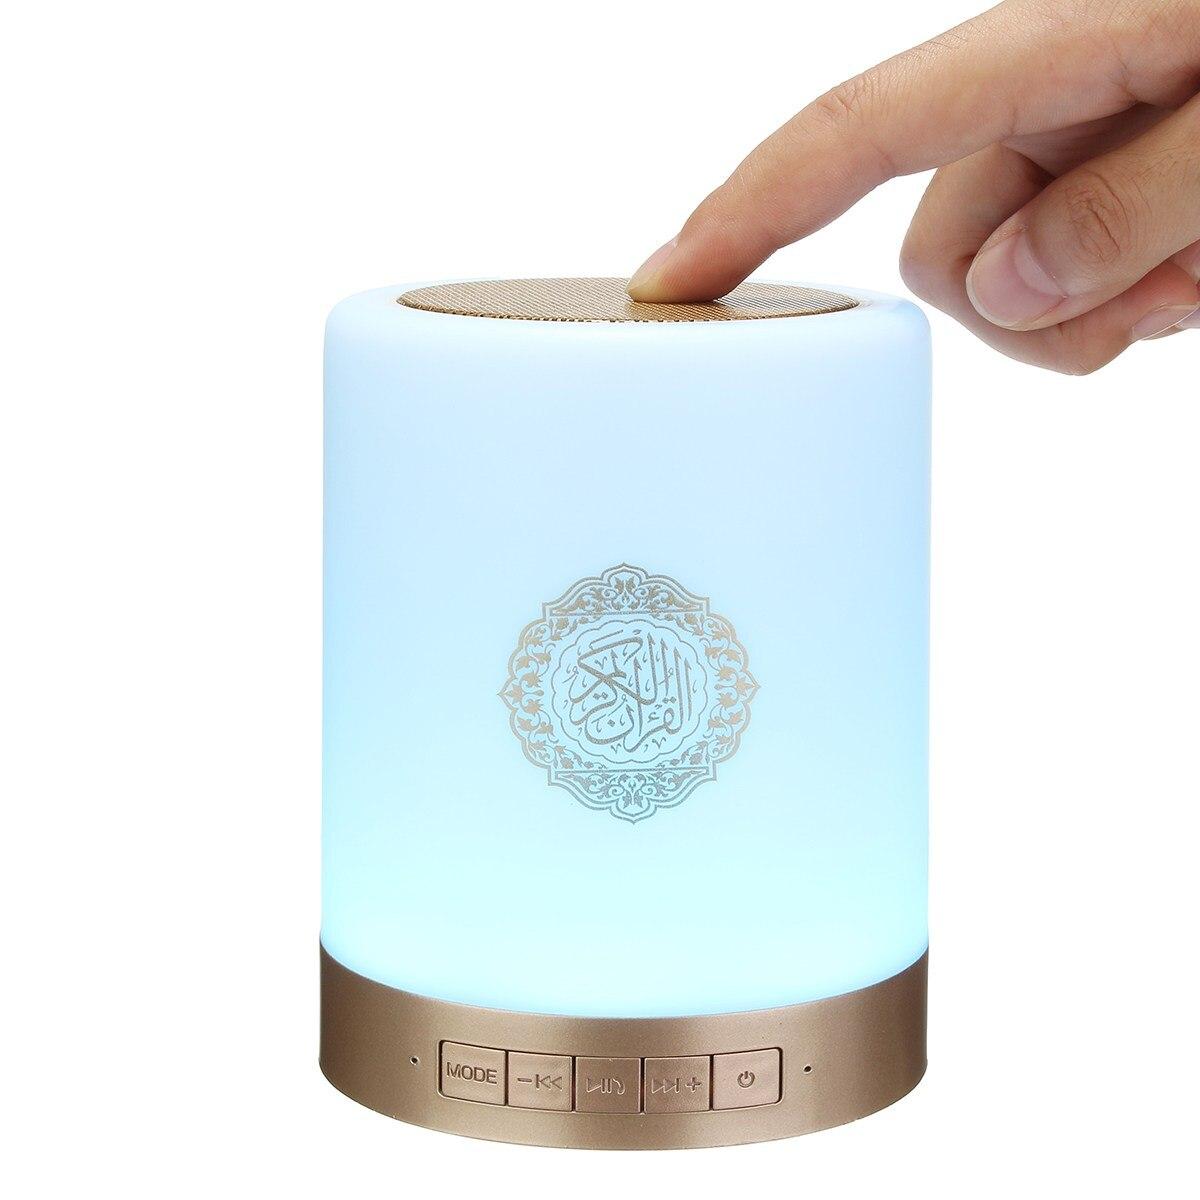 Список въезда... SQ112 Портативный светодиодный Bluetooth Динамик Коран чтец Корана Динамик MP3 FM радио Динамик 25 языков удаленного Управление